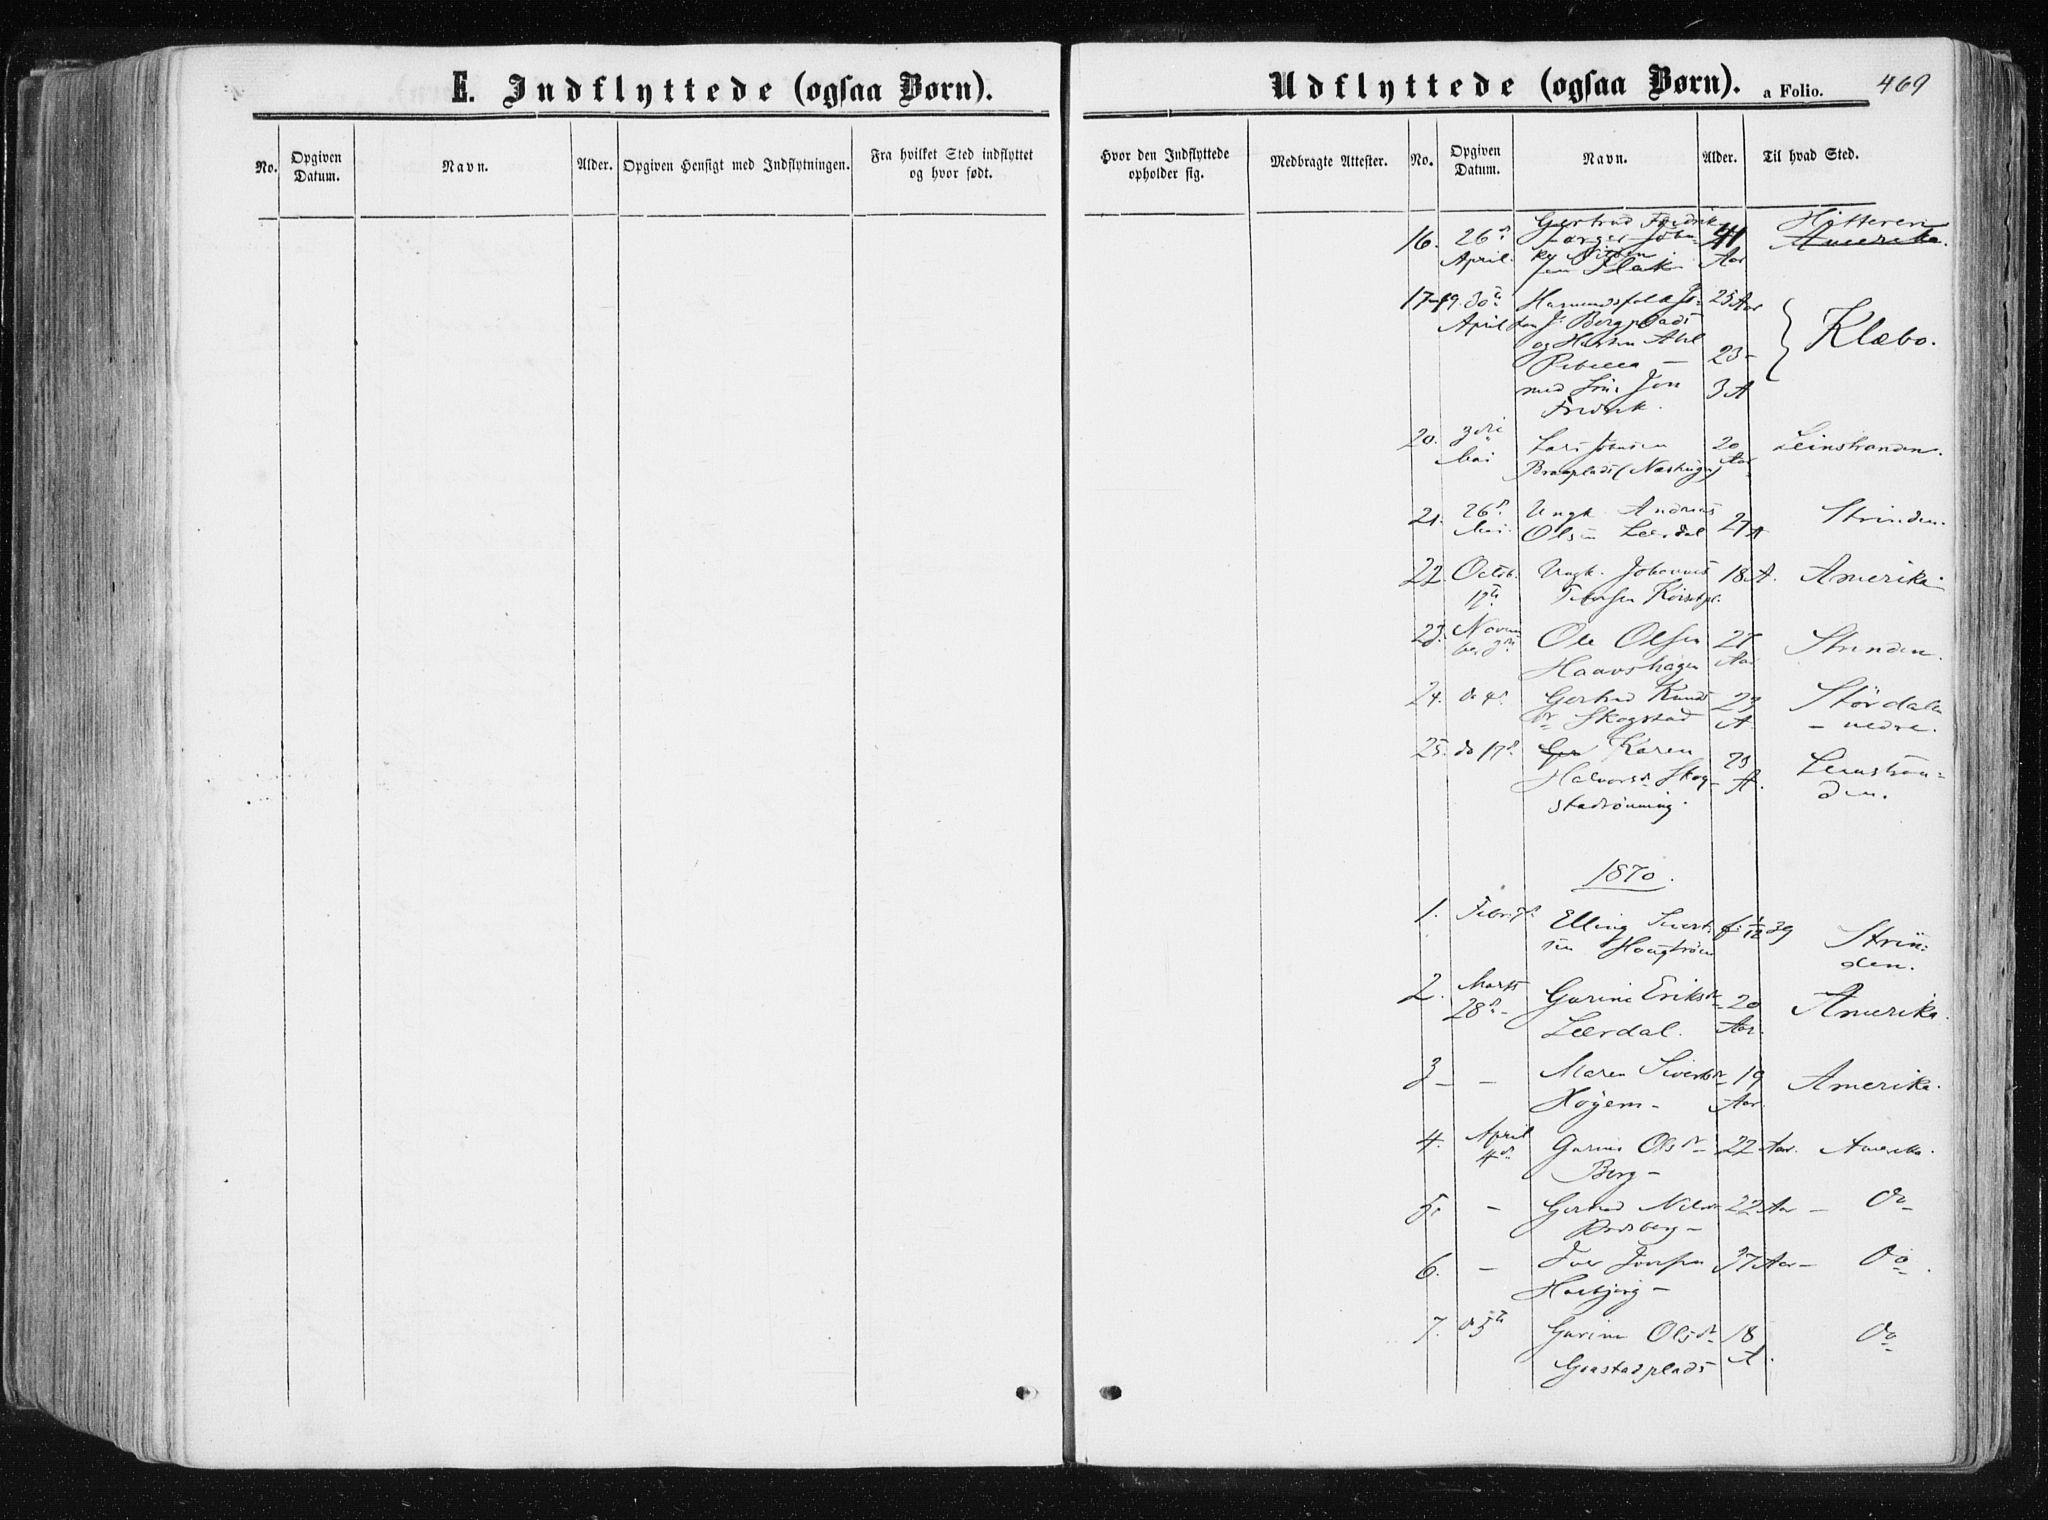 SAT, Ministerialprotokoller, klokkerbøker og fødselsregistre - Sør-Trøndelag, 612/L0377: Ministerialbok nr. 612A09, 1859-1877, s. 469